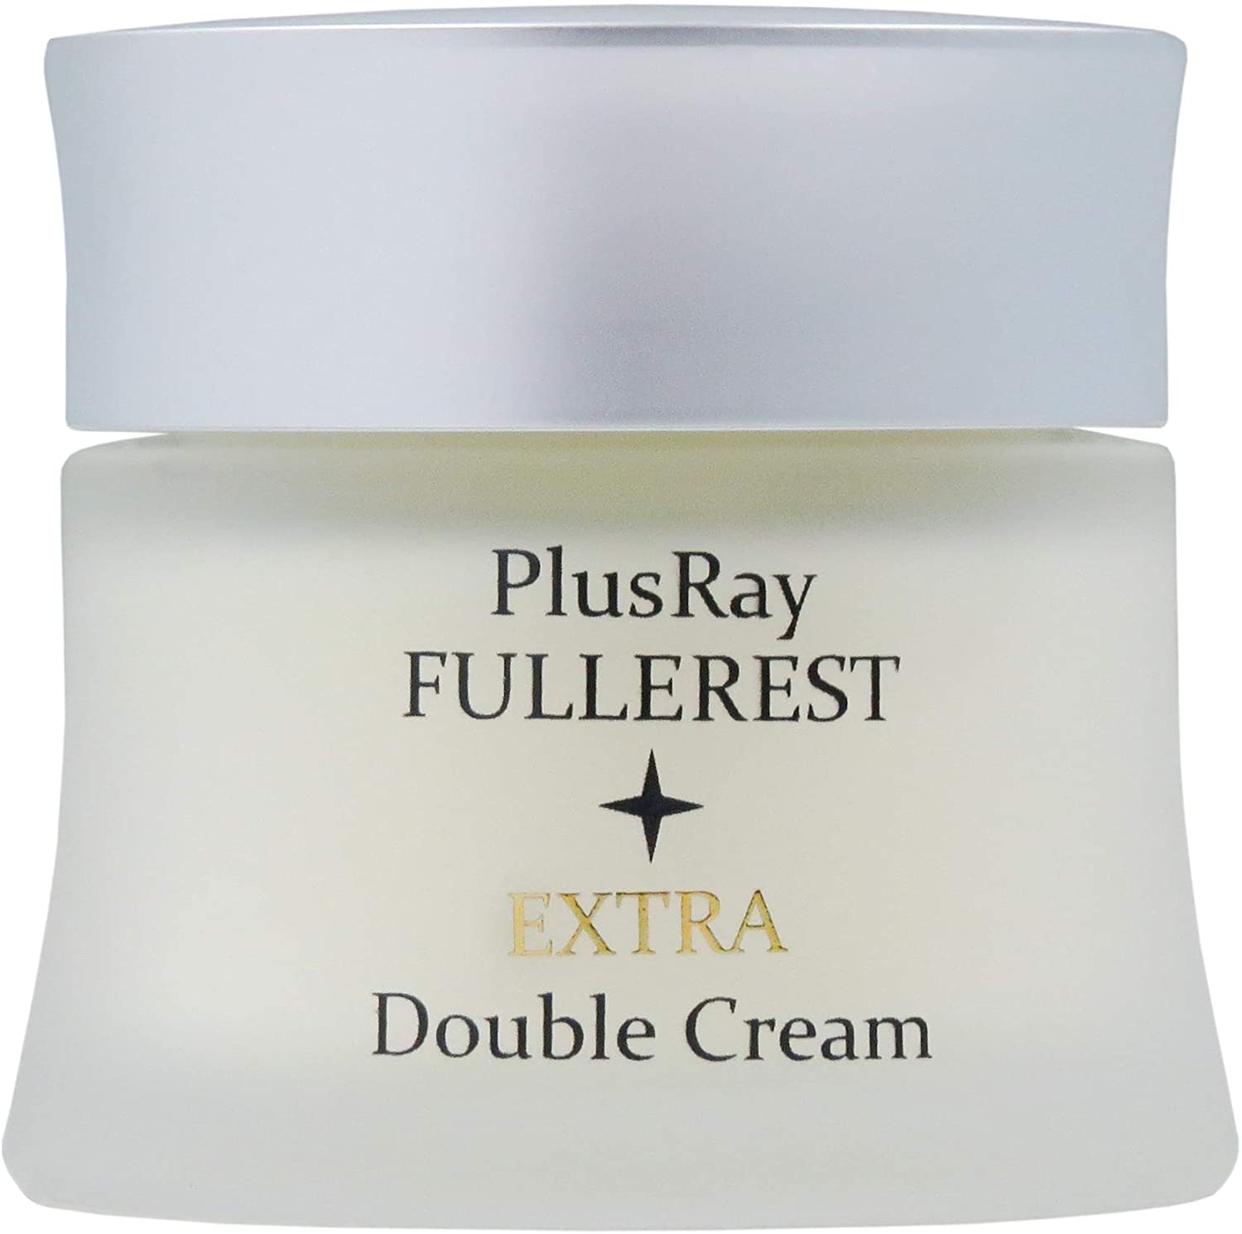 PlusRay(プラスレイ)フラーレストエクストラダブルクリームの商品画像